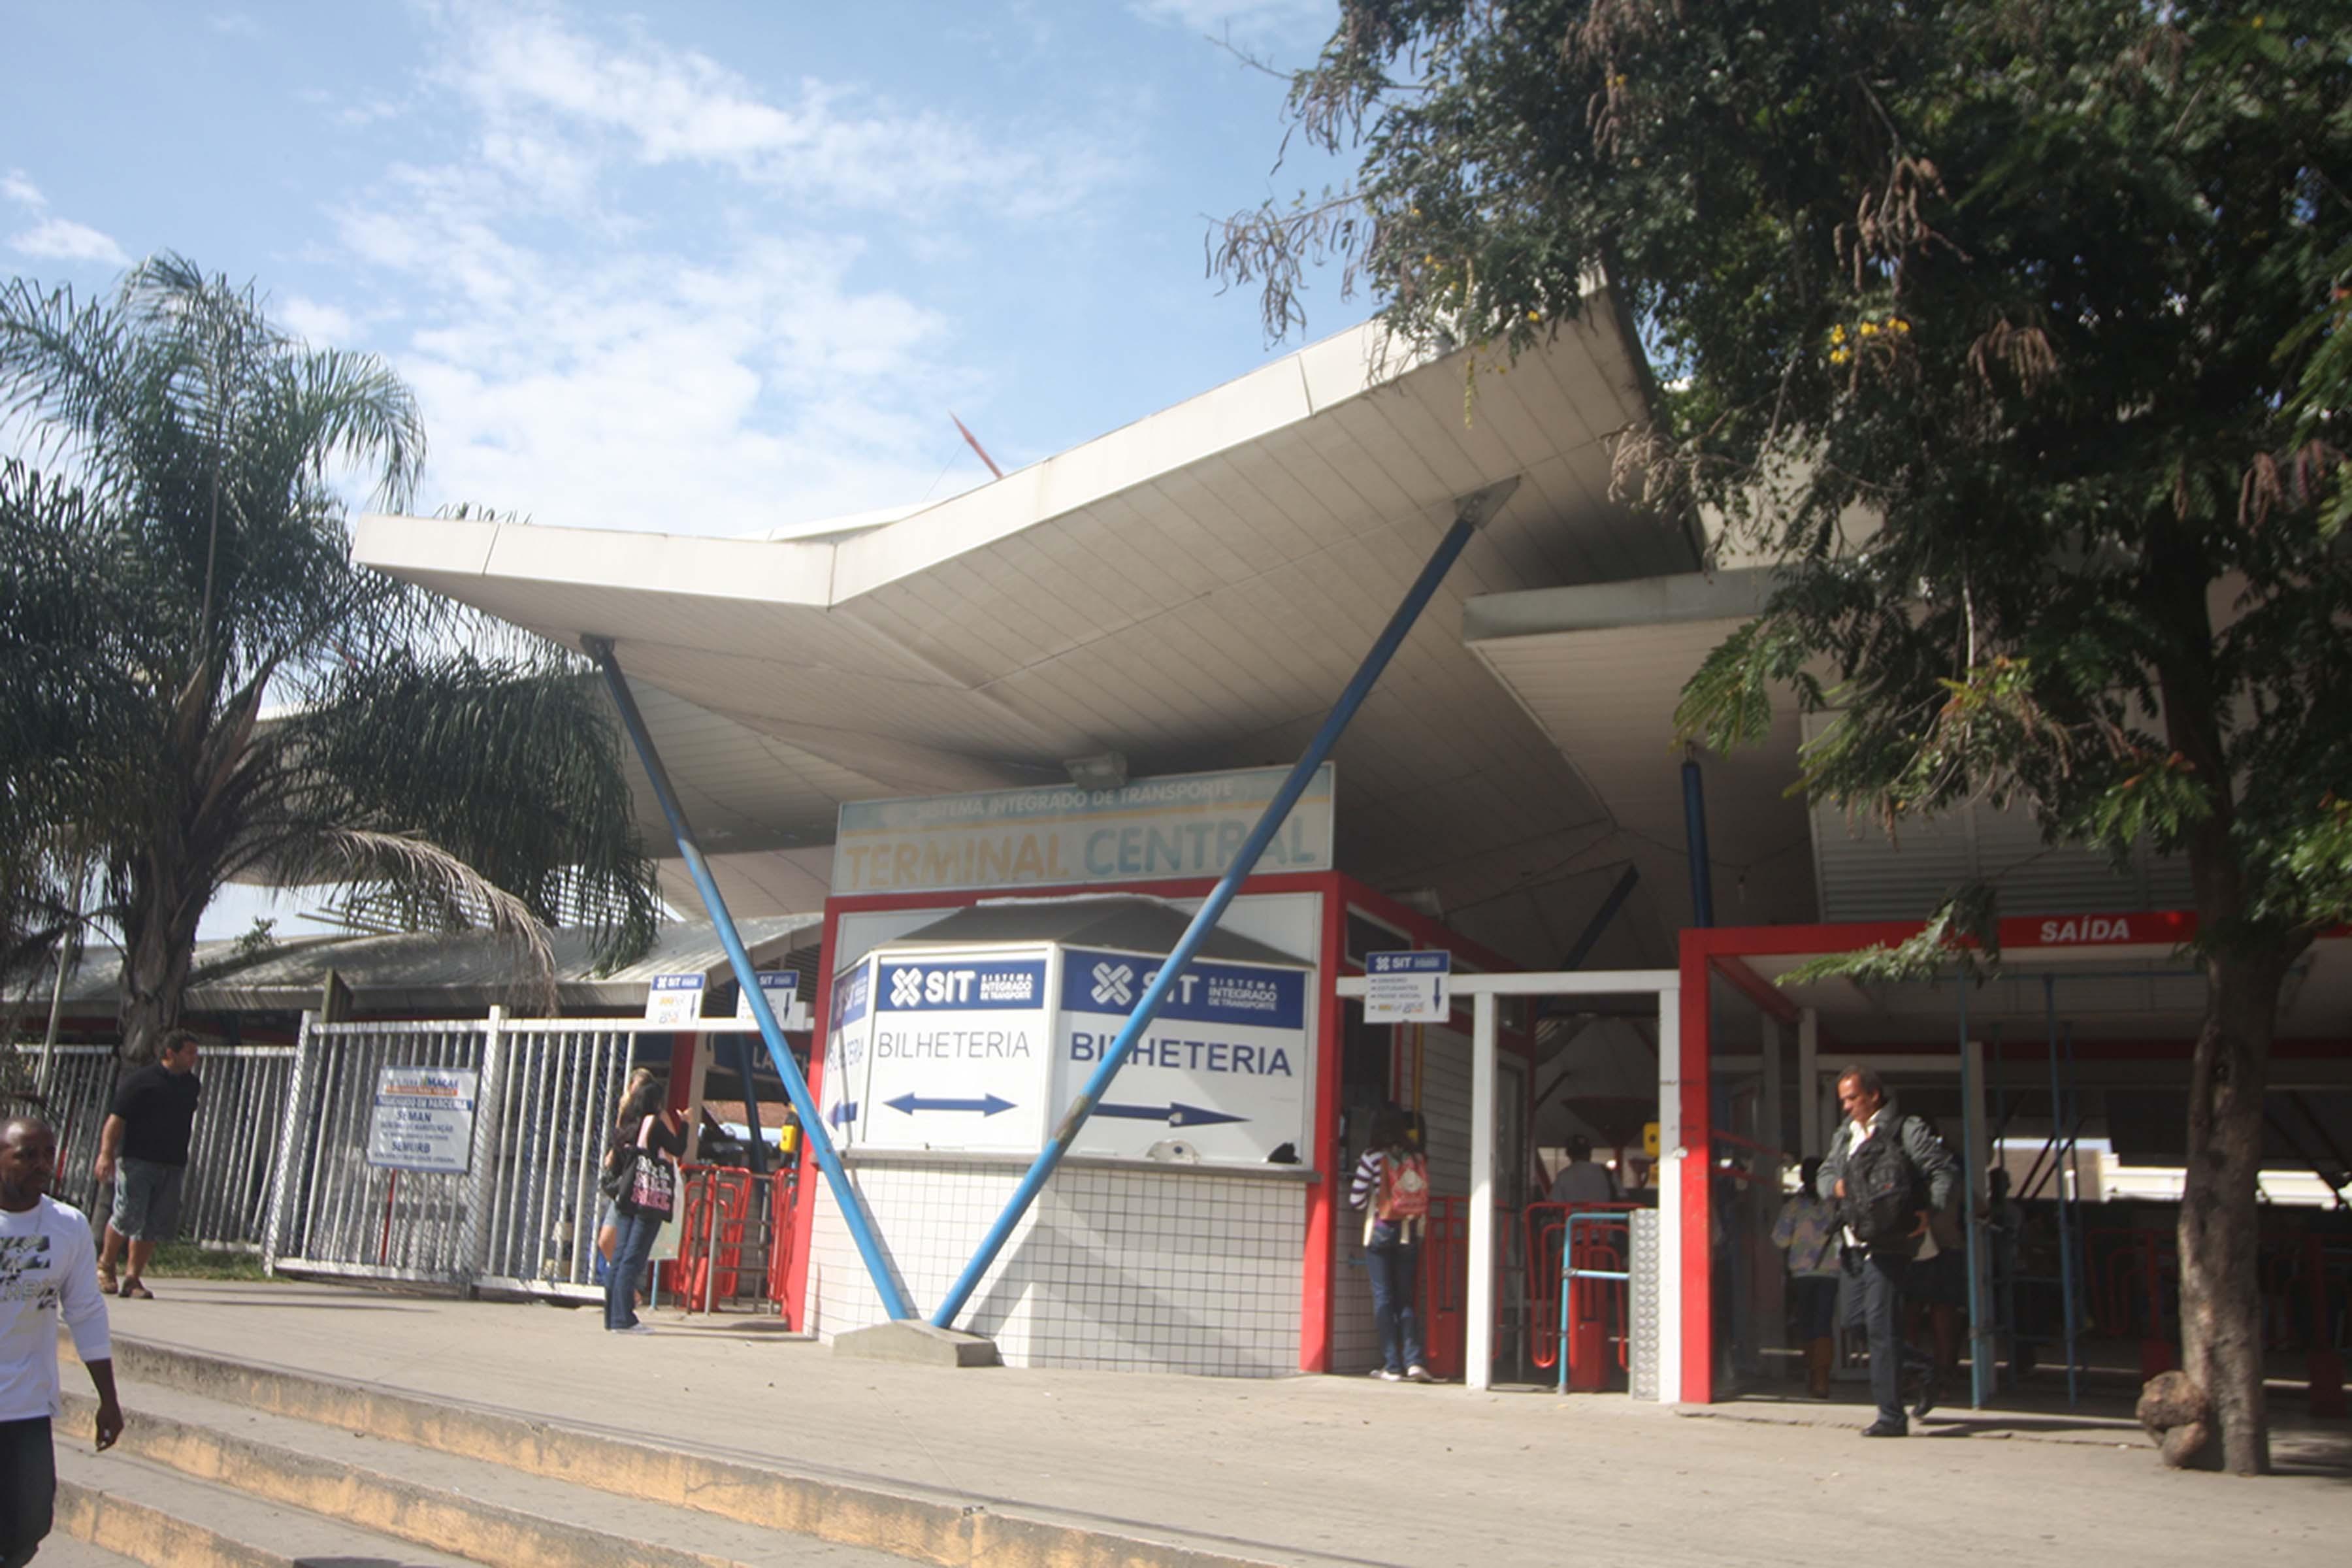 Terminal central de ônibus de Macaé, RJ, será fechado para reforma a partir de sábado - Radio Evangelho Gospel